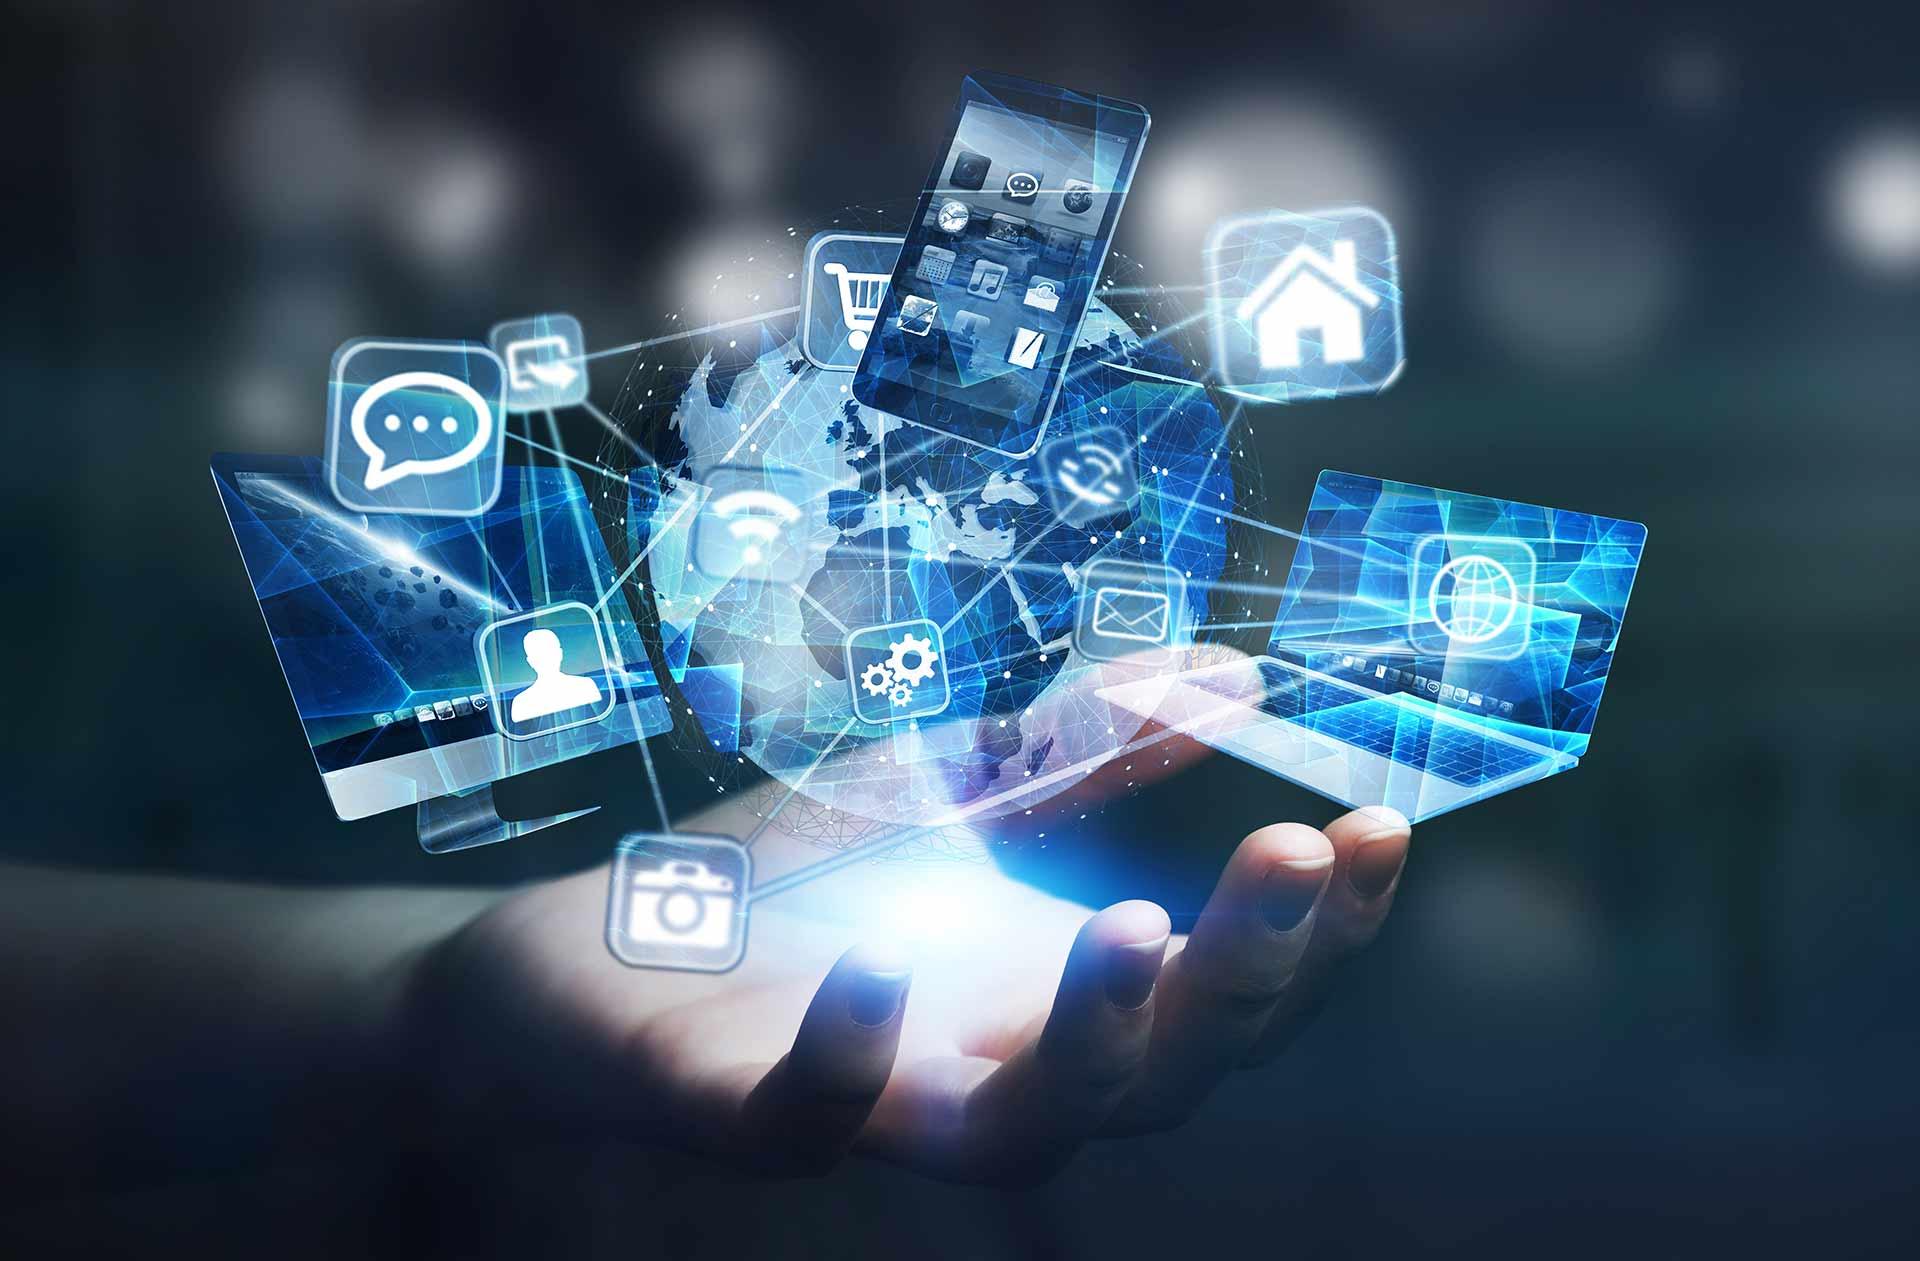 La digitalización optimiza procesos